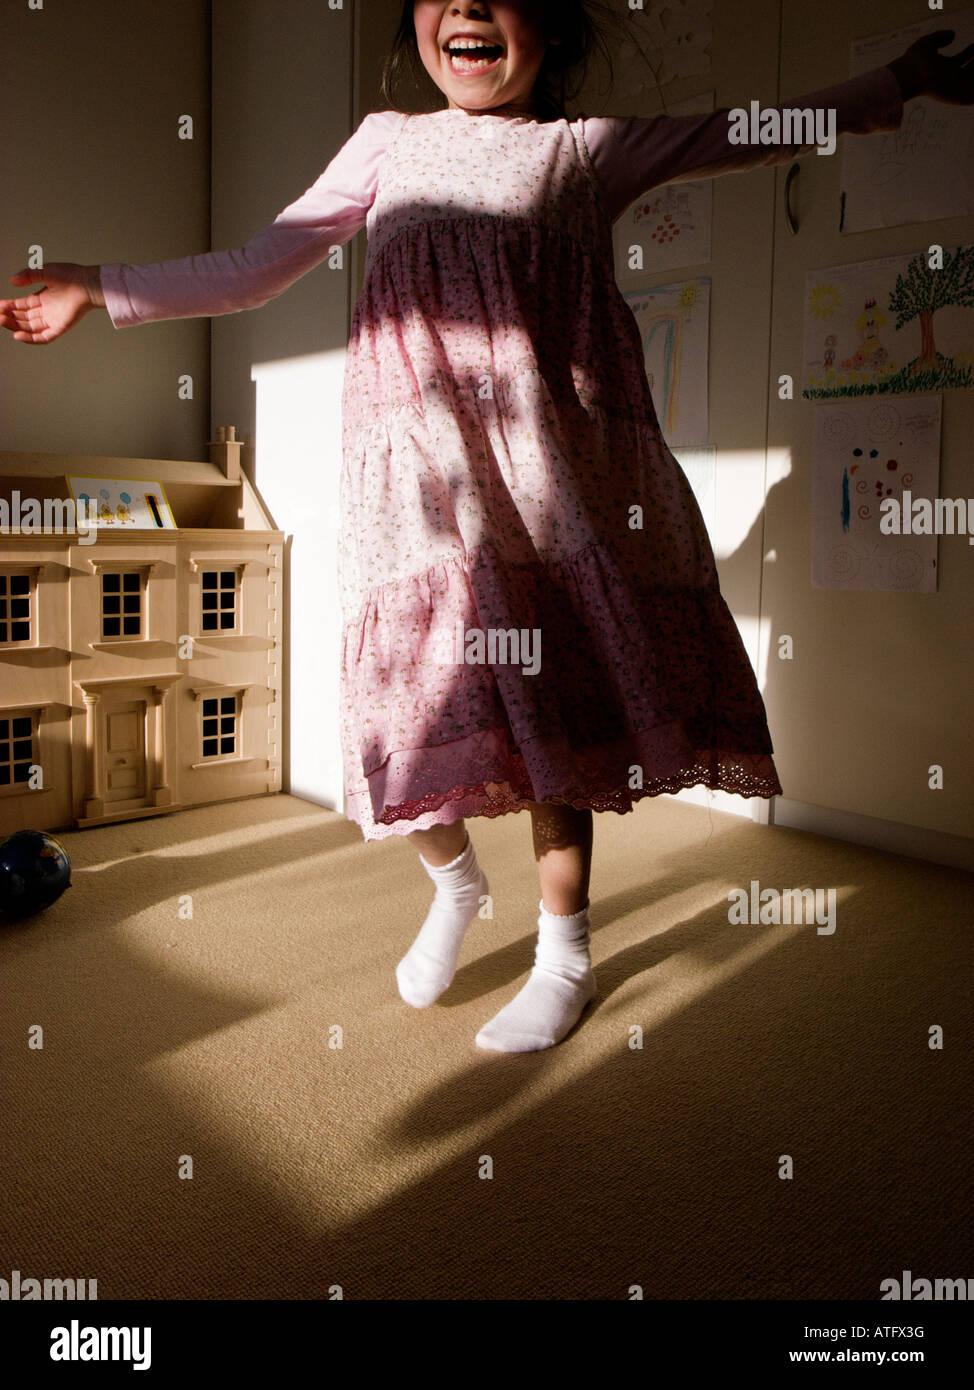 Niño bailando en casa Imagen De Stock